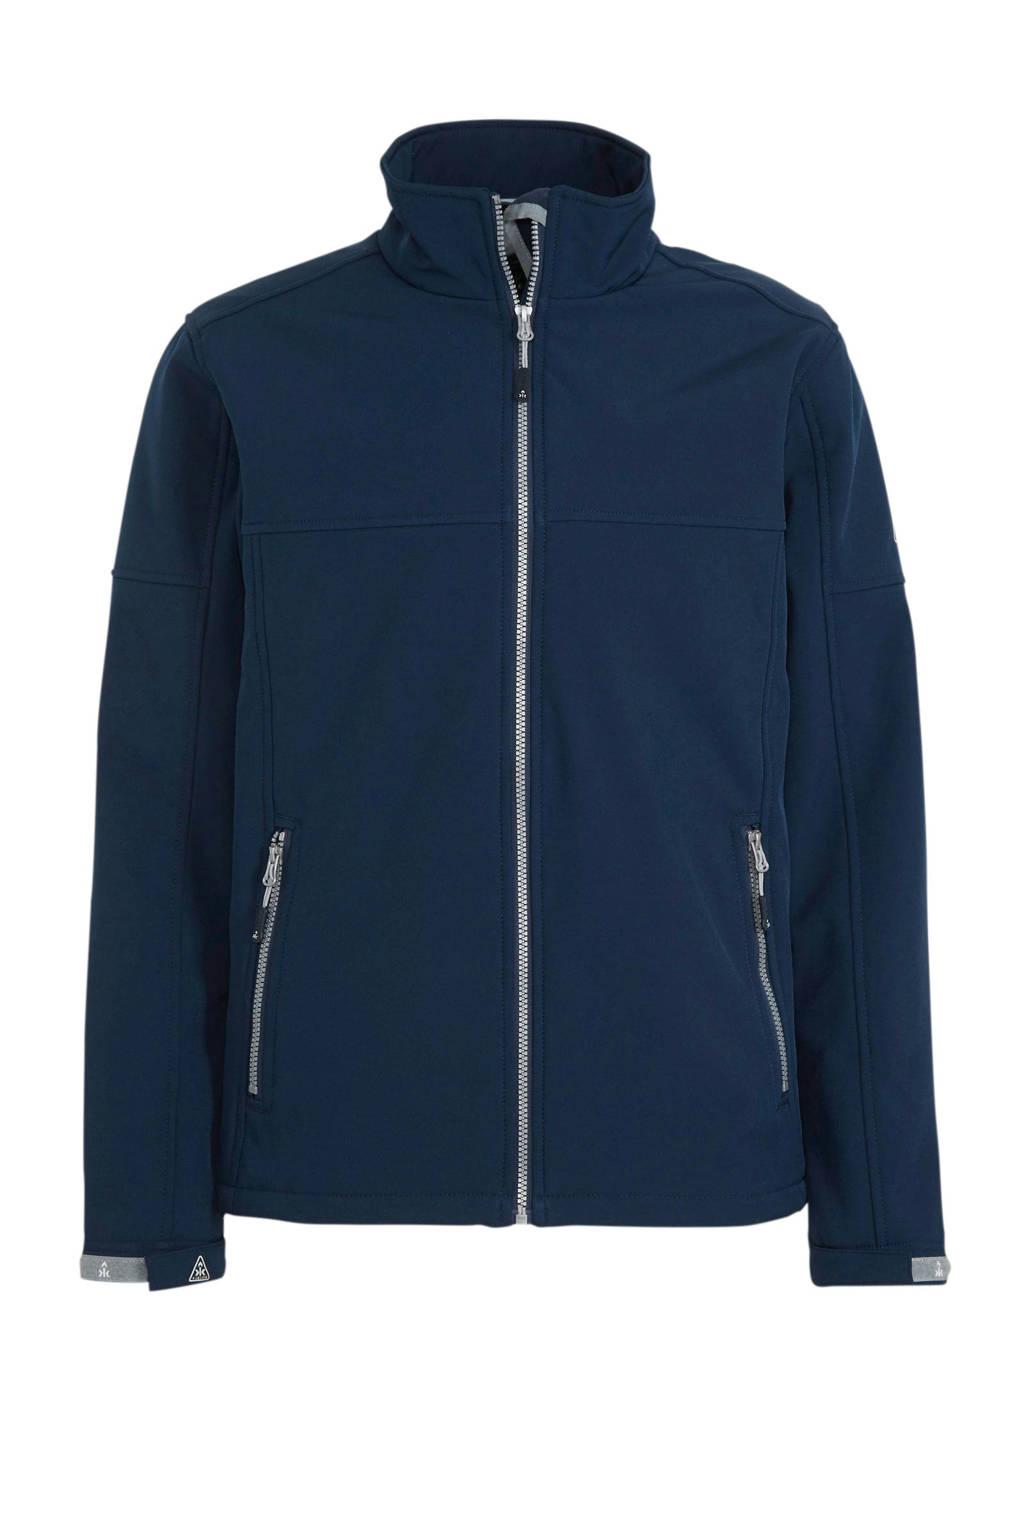 Kjelvik outdoor softshell jack donkerblauw, Donkerblauw